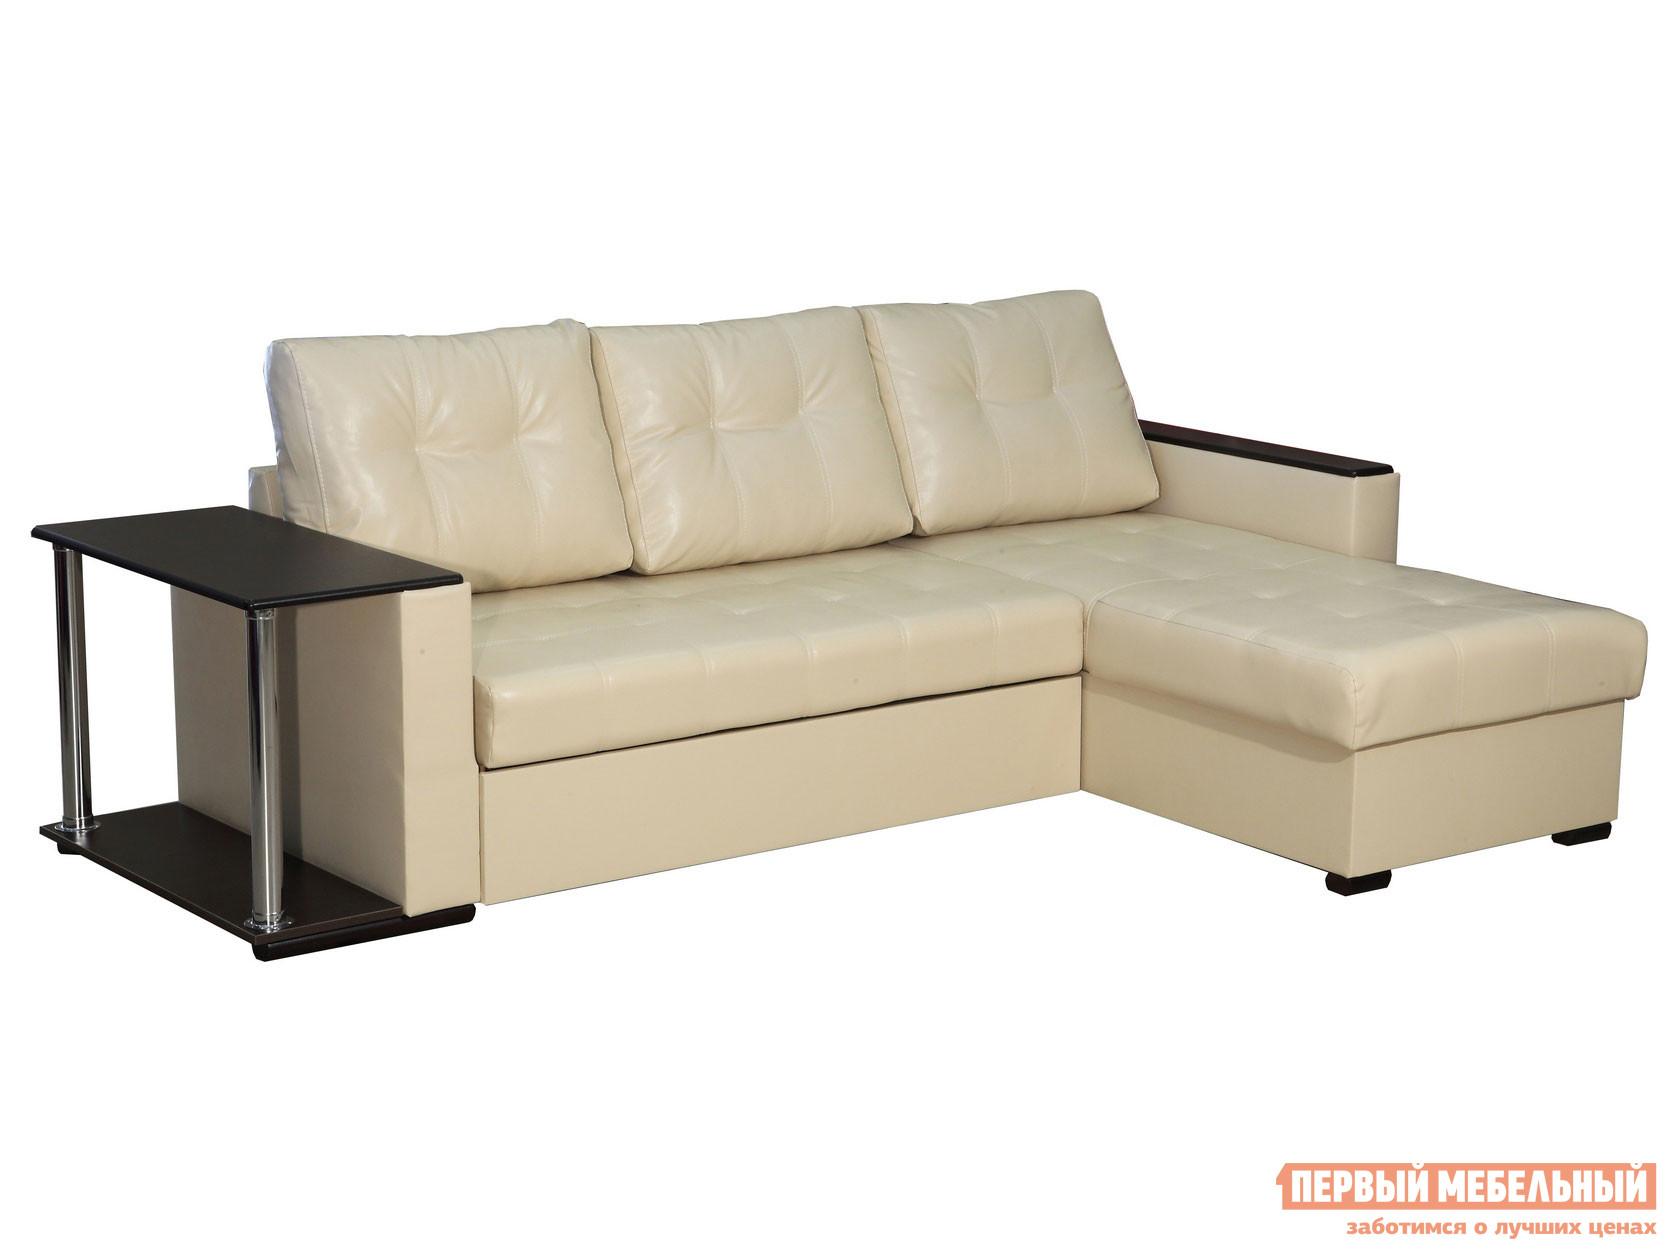 Угловой диван Первый Мебельный Диван Атташе угловой со столиком